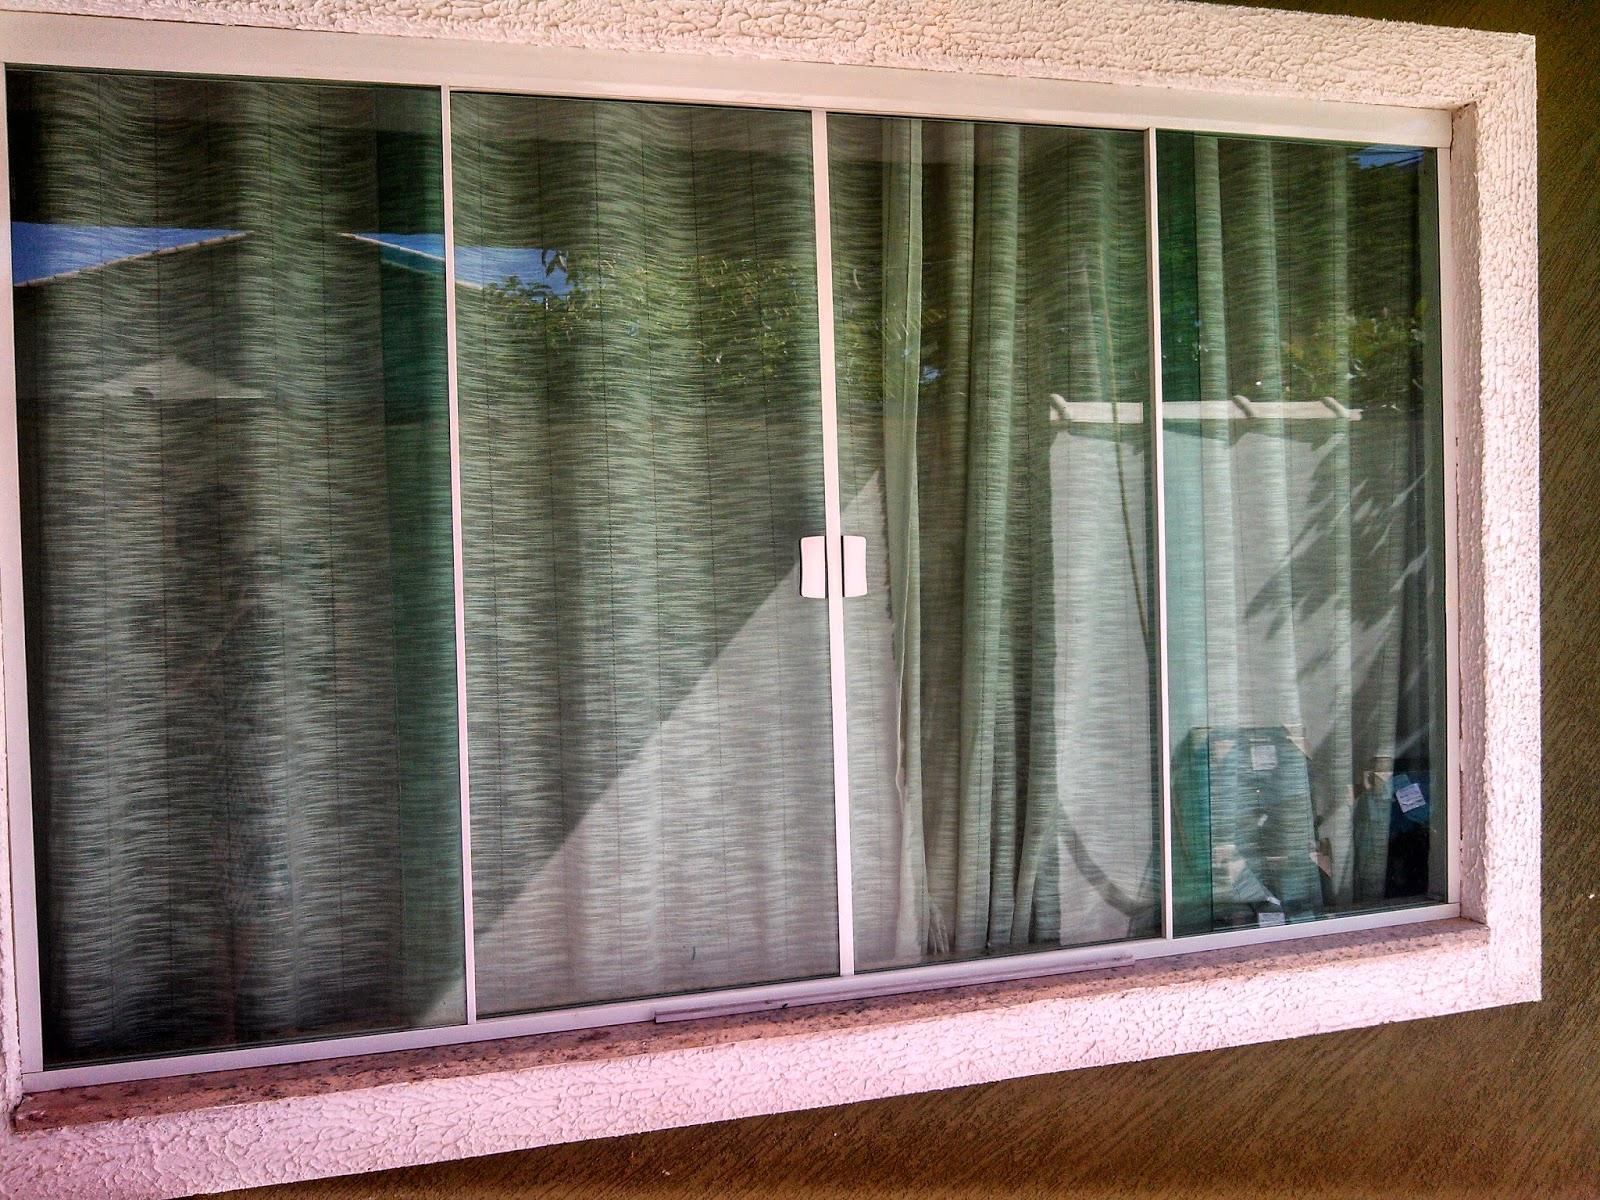 #65412A JRM Vidraçaria: Janela de 4 folhas em vidro temperado verde. 298 Janelas De Vidro Temperado 2 Folhas